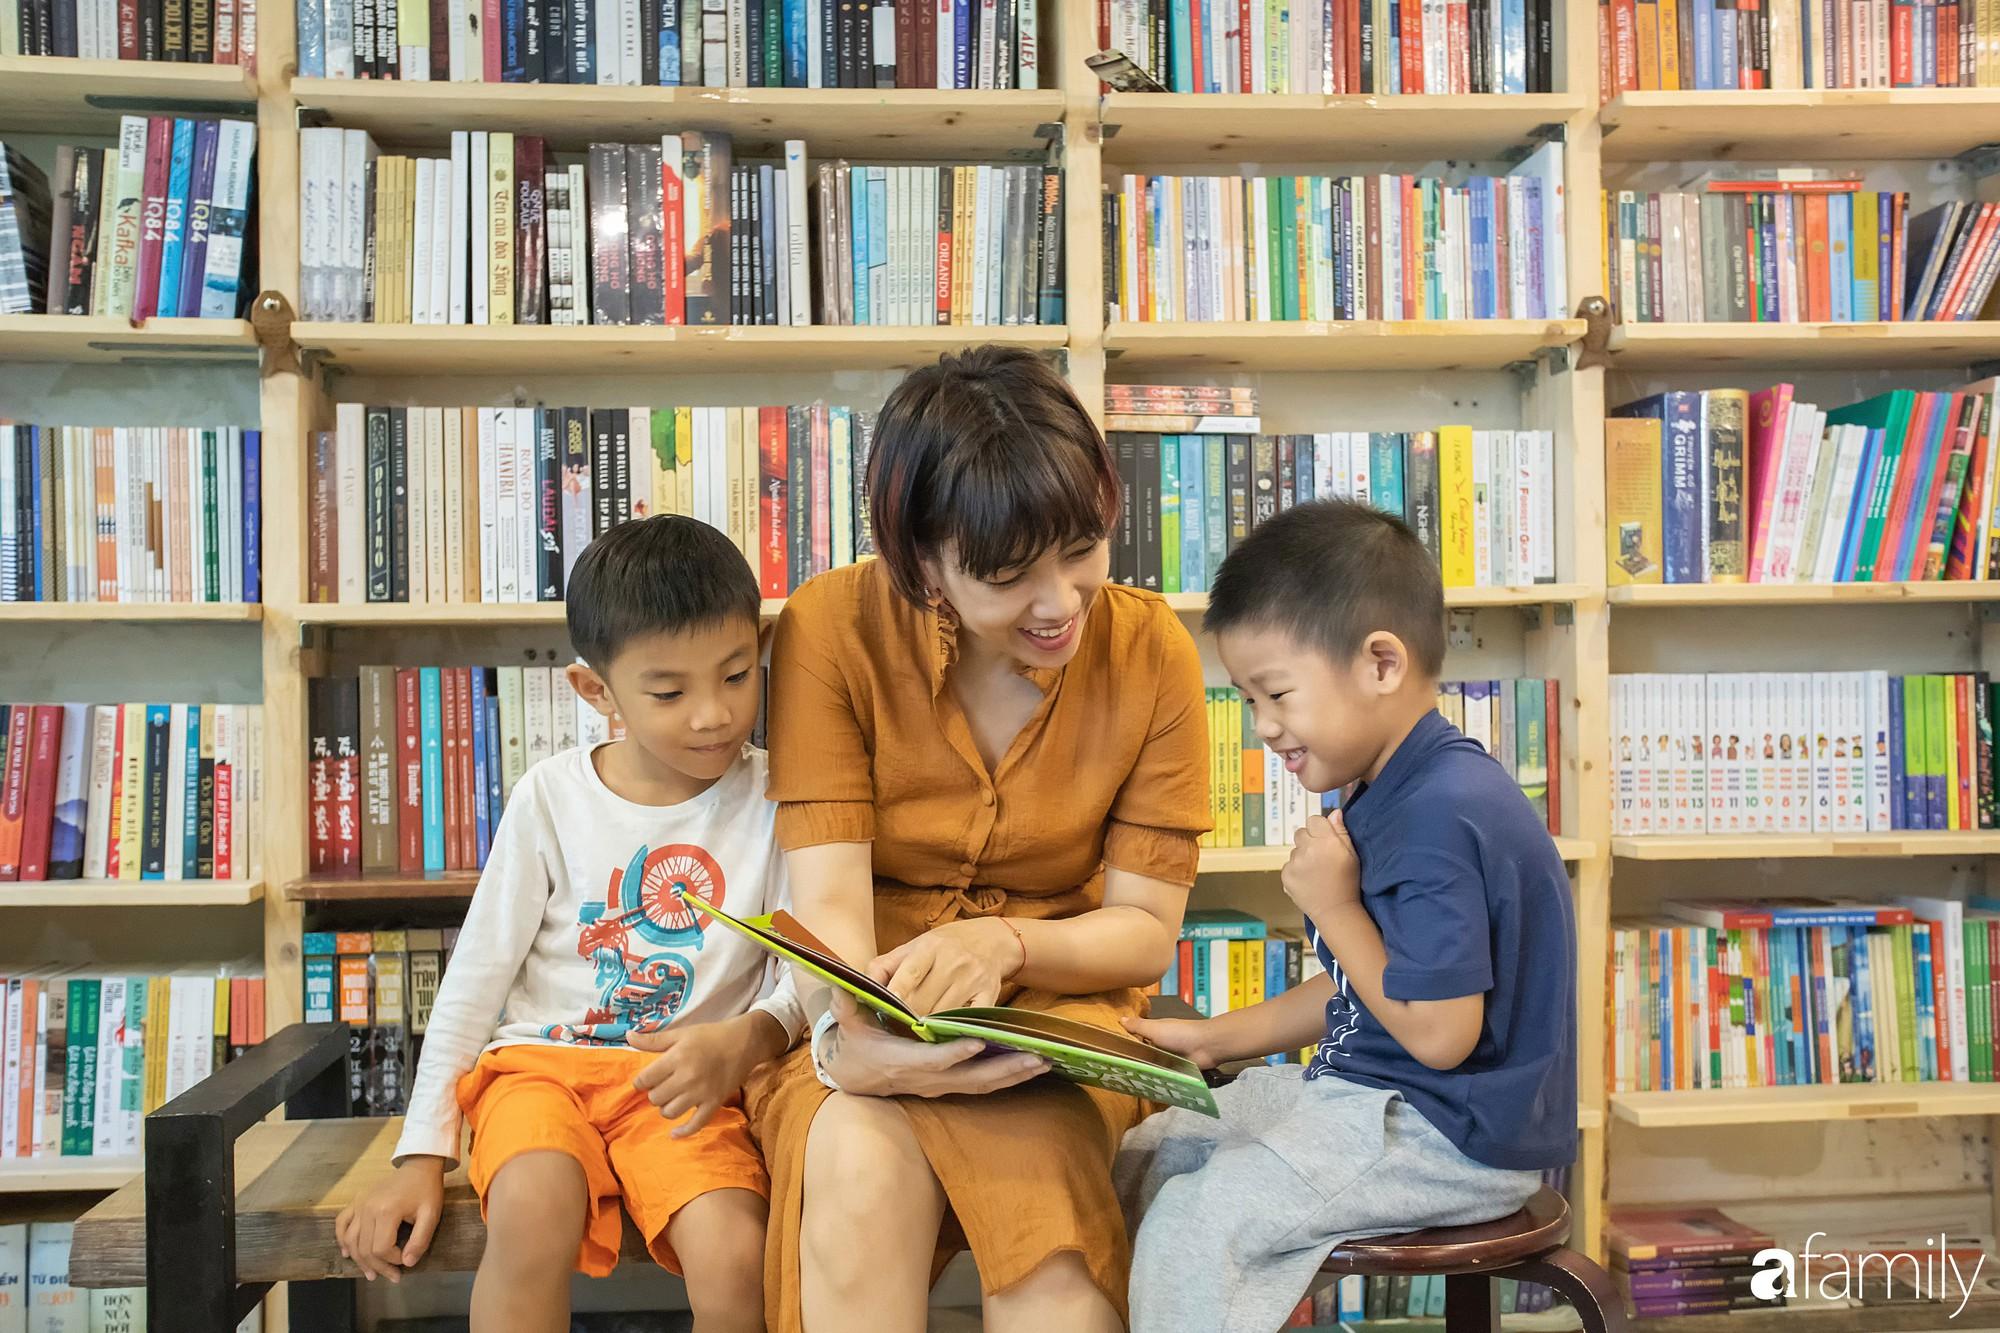 Nếu có con dưới 6 tuổi, cả nhà bạn nhất định phải ghé những thế giới sách xinh xẻo và bình yên nhất Sài Gòn này - Ảnh 9.